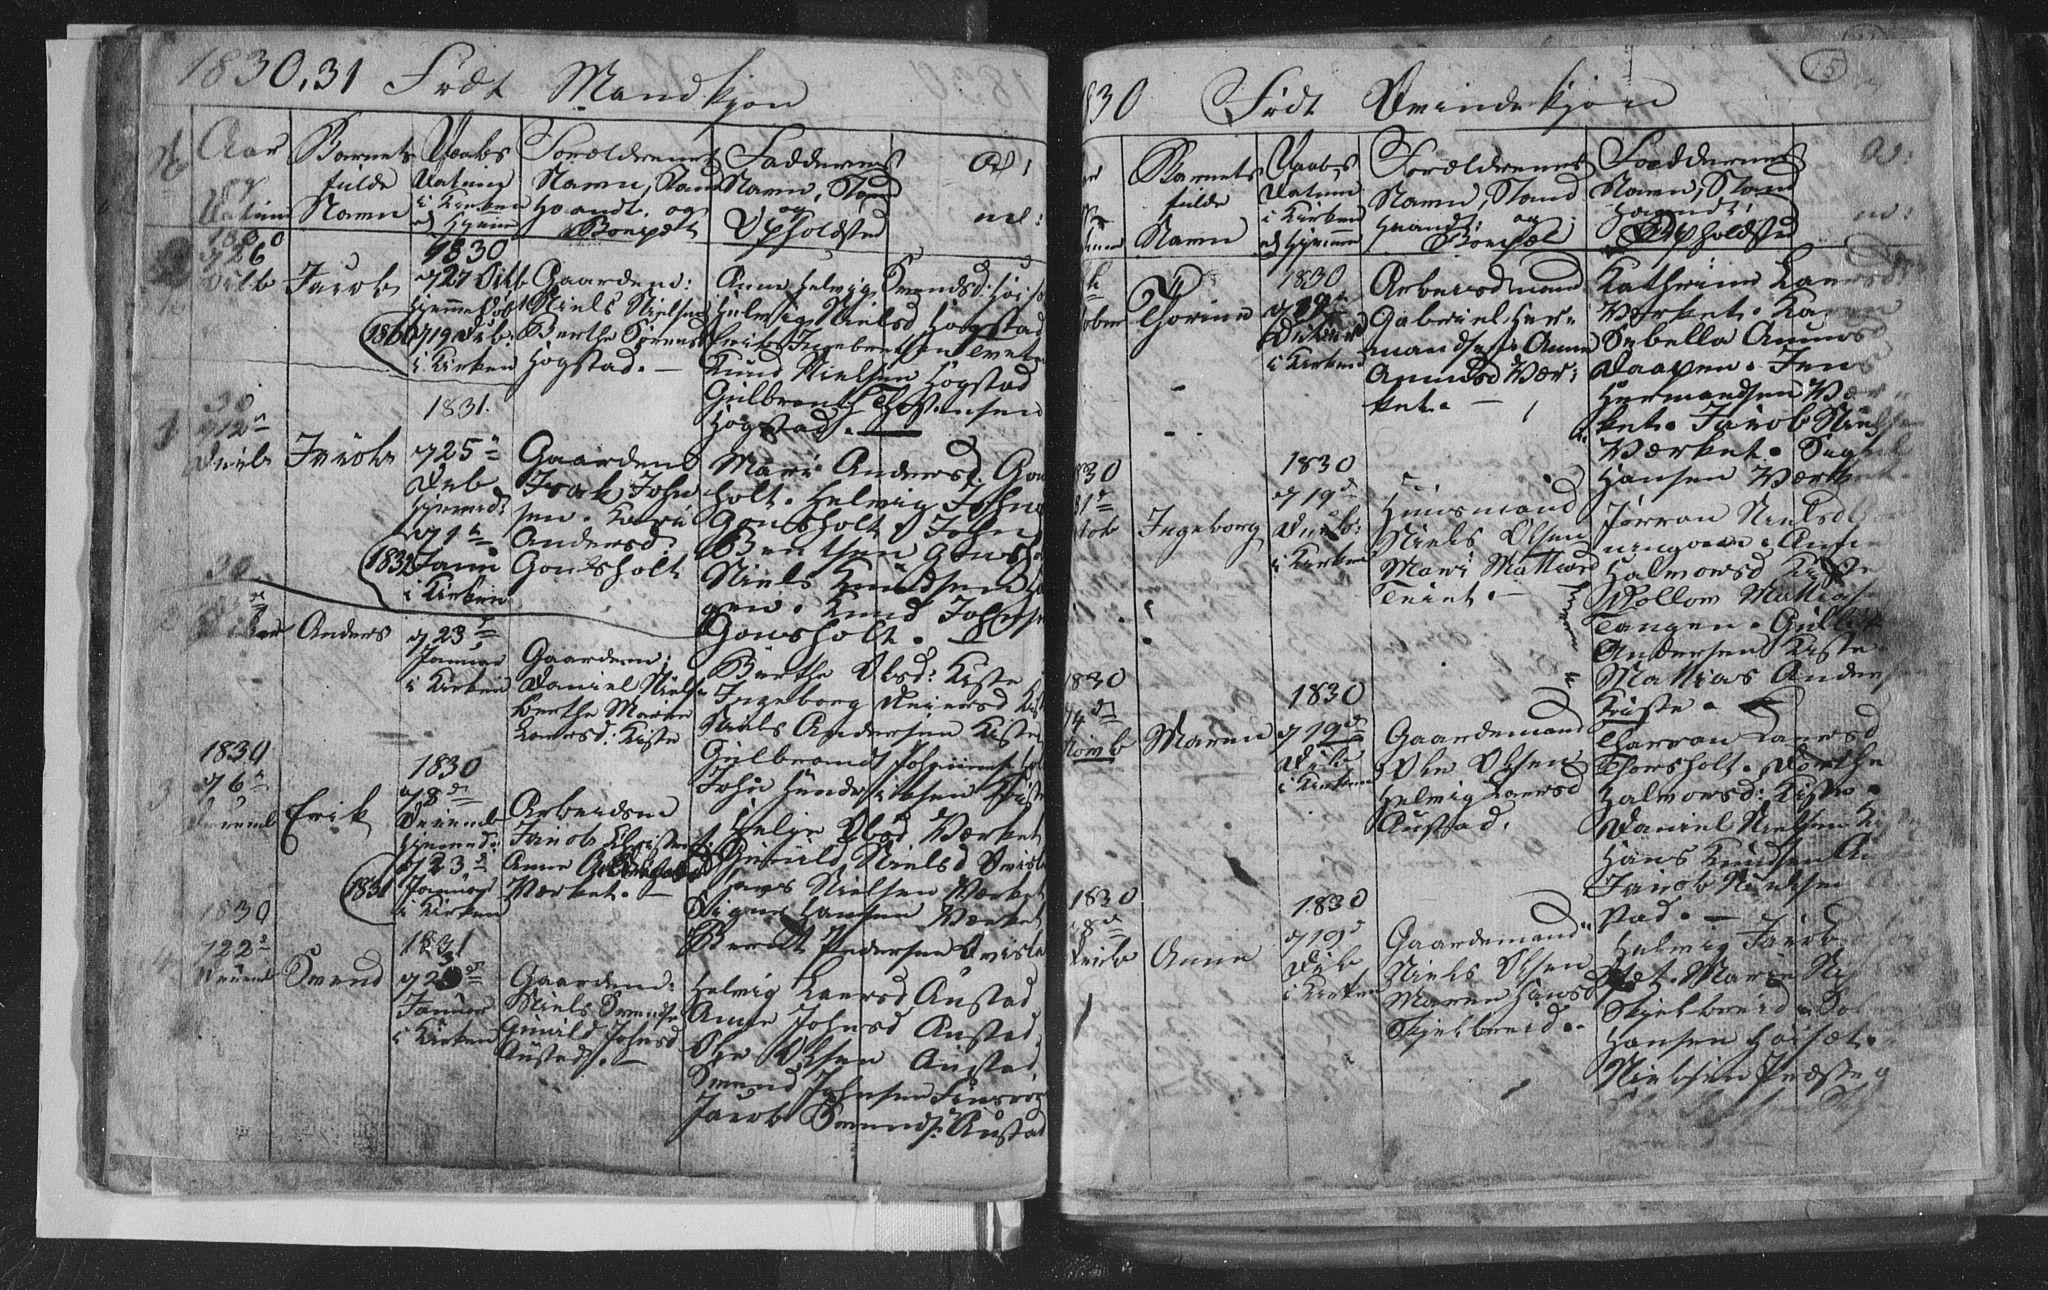 SAKO, Siljan kirkebøker, G/Ga/L0001: Klokkerbok nr. 1, 1827-1847, s. 15